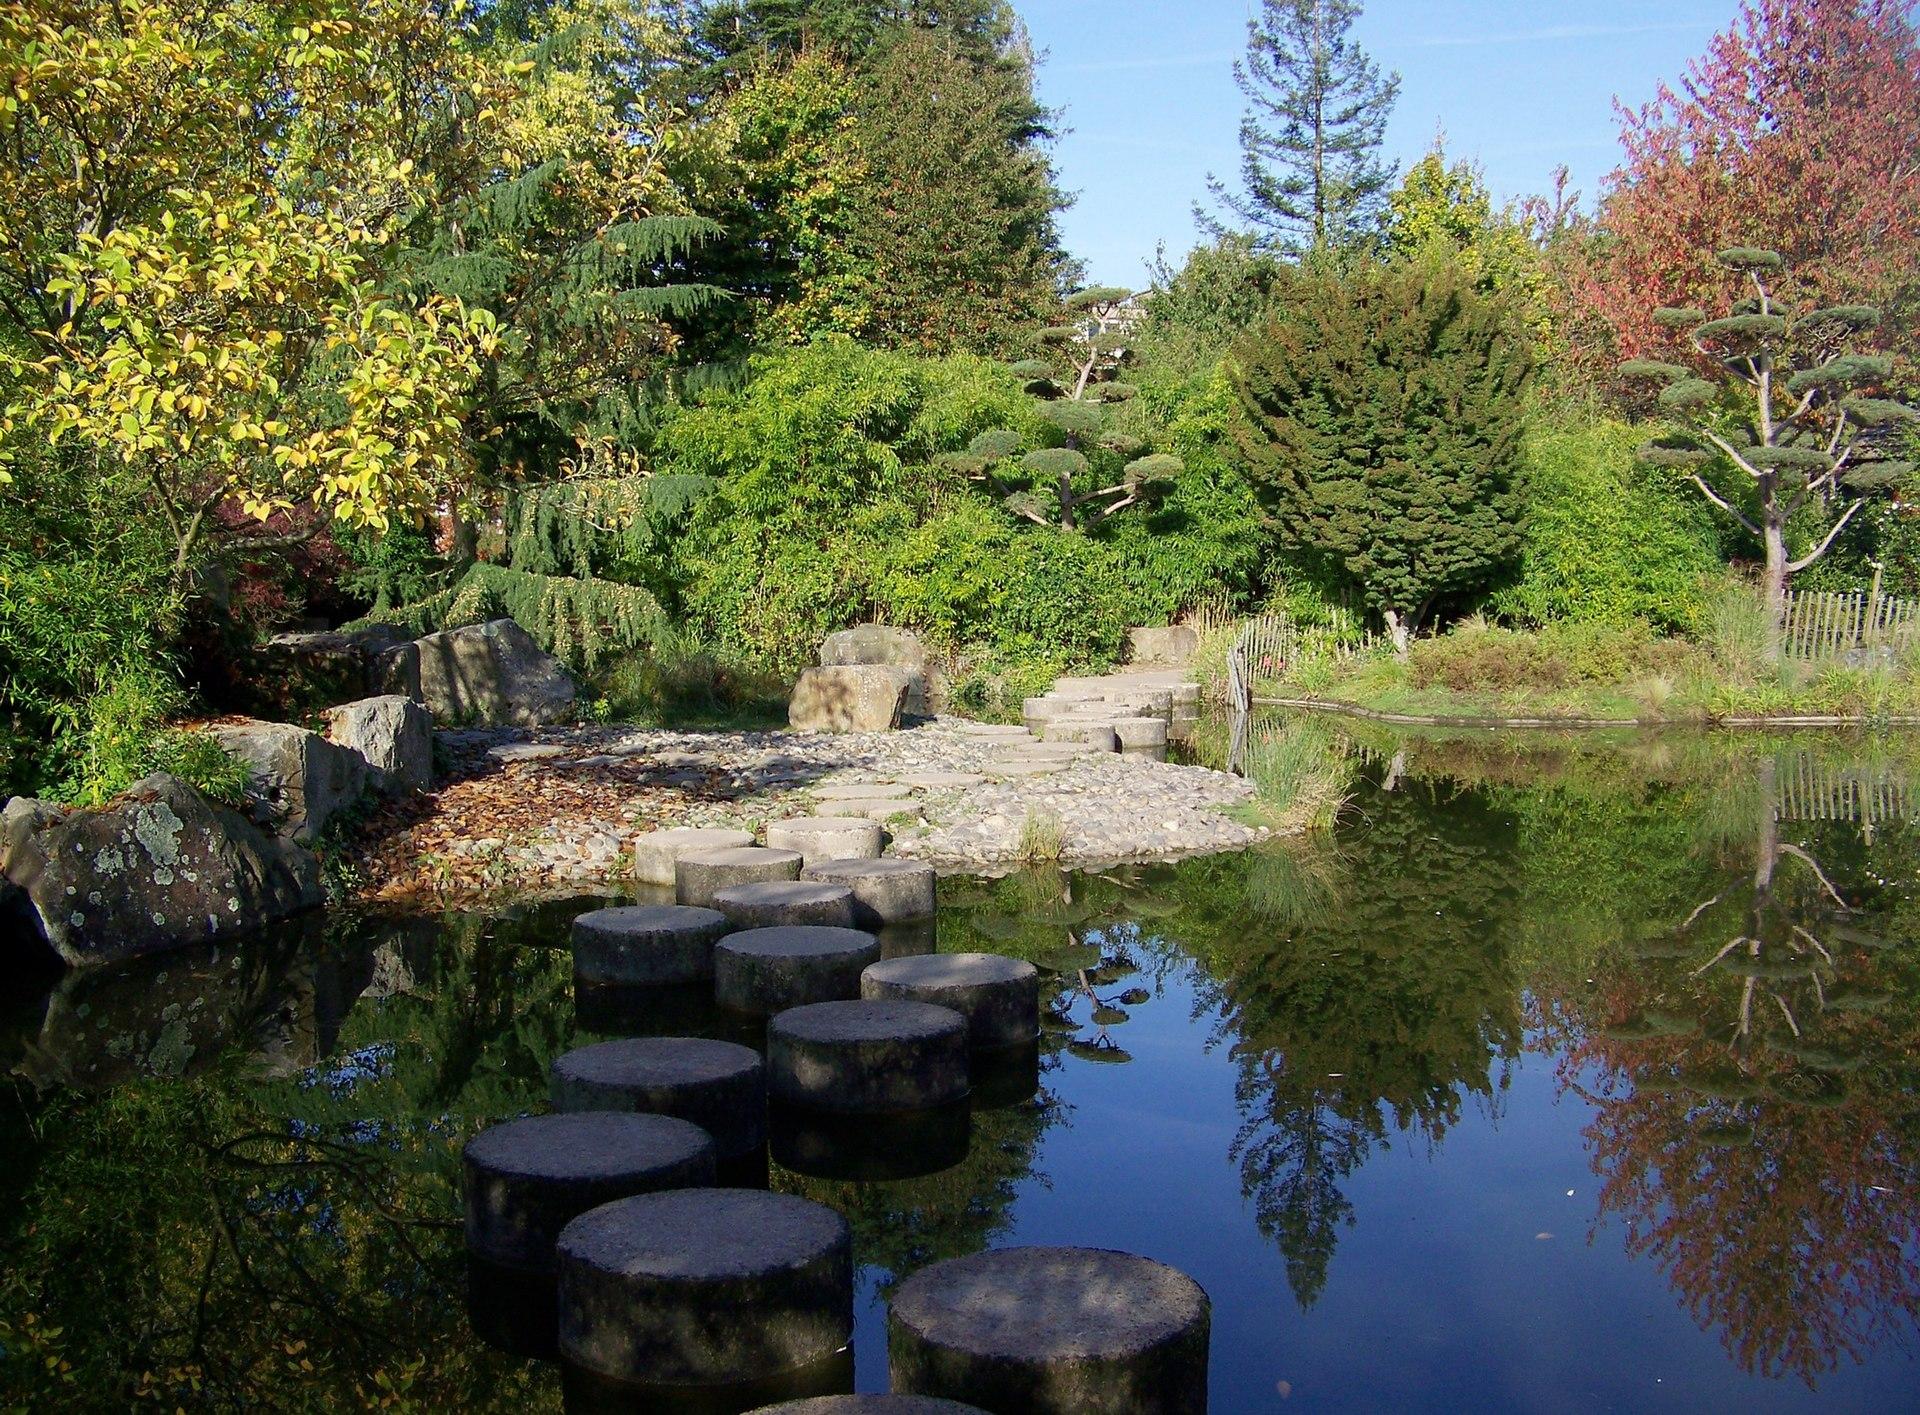 Le de versailles wikip dia for Jardin japonais nantes